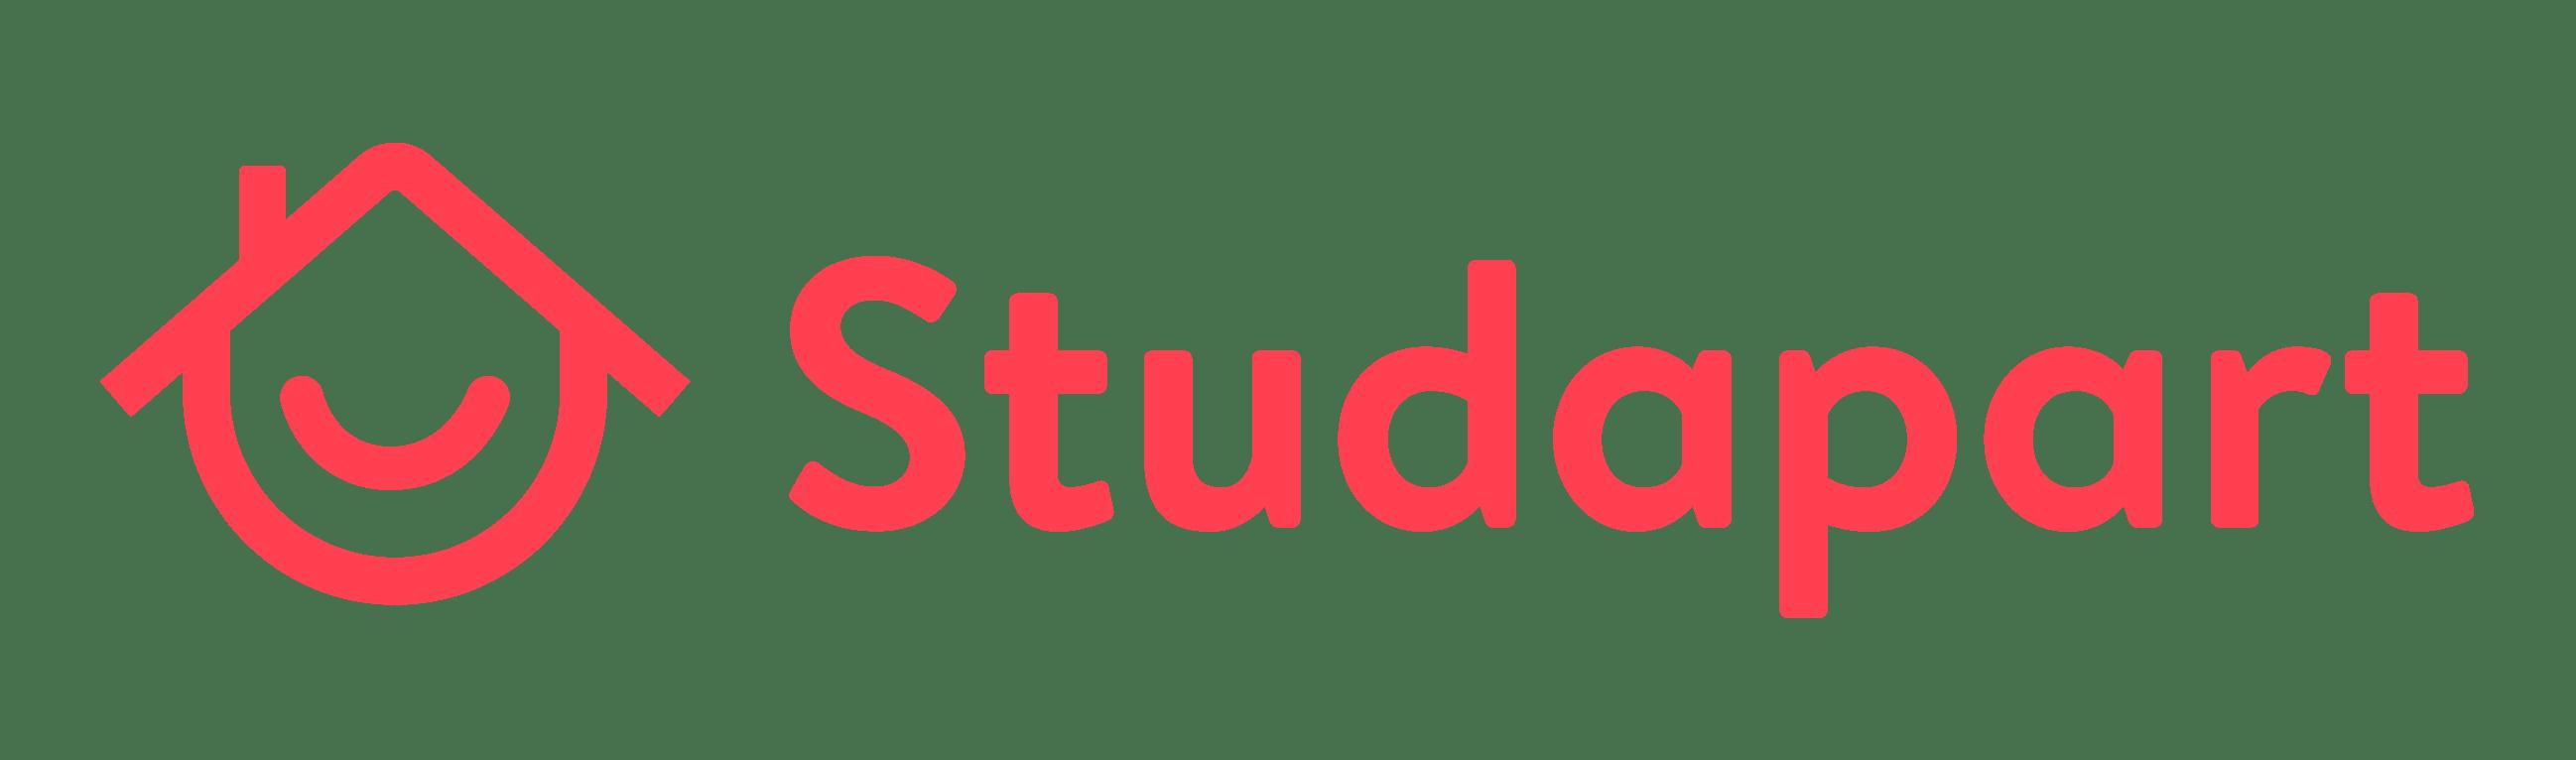 studapart logo